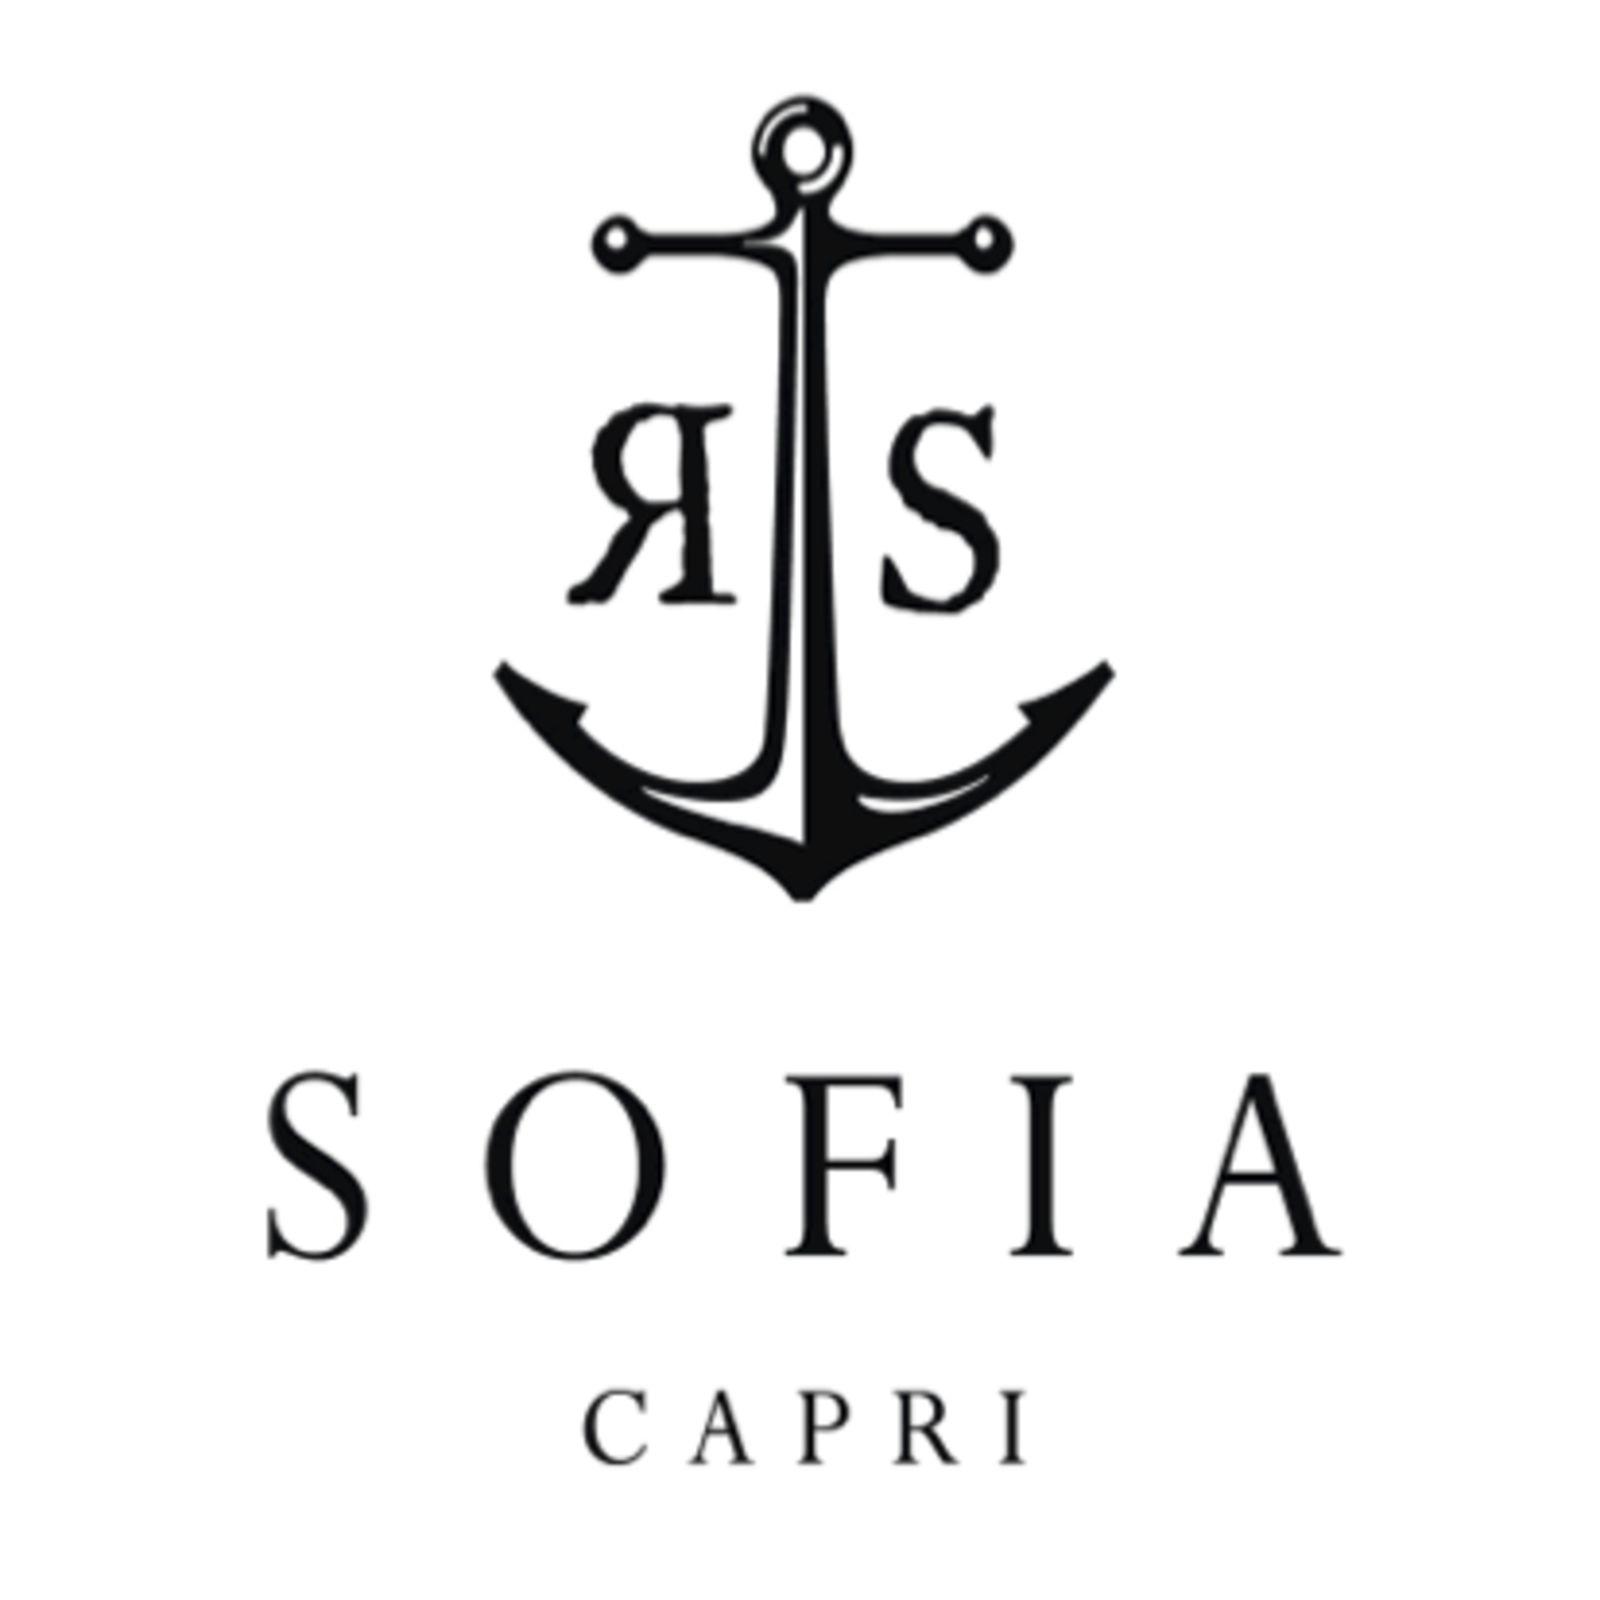 SOFIA CAPRI (Bild 1)